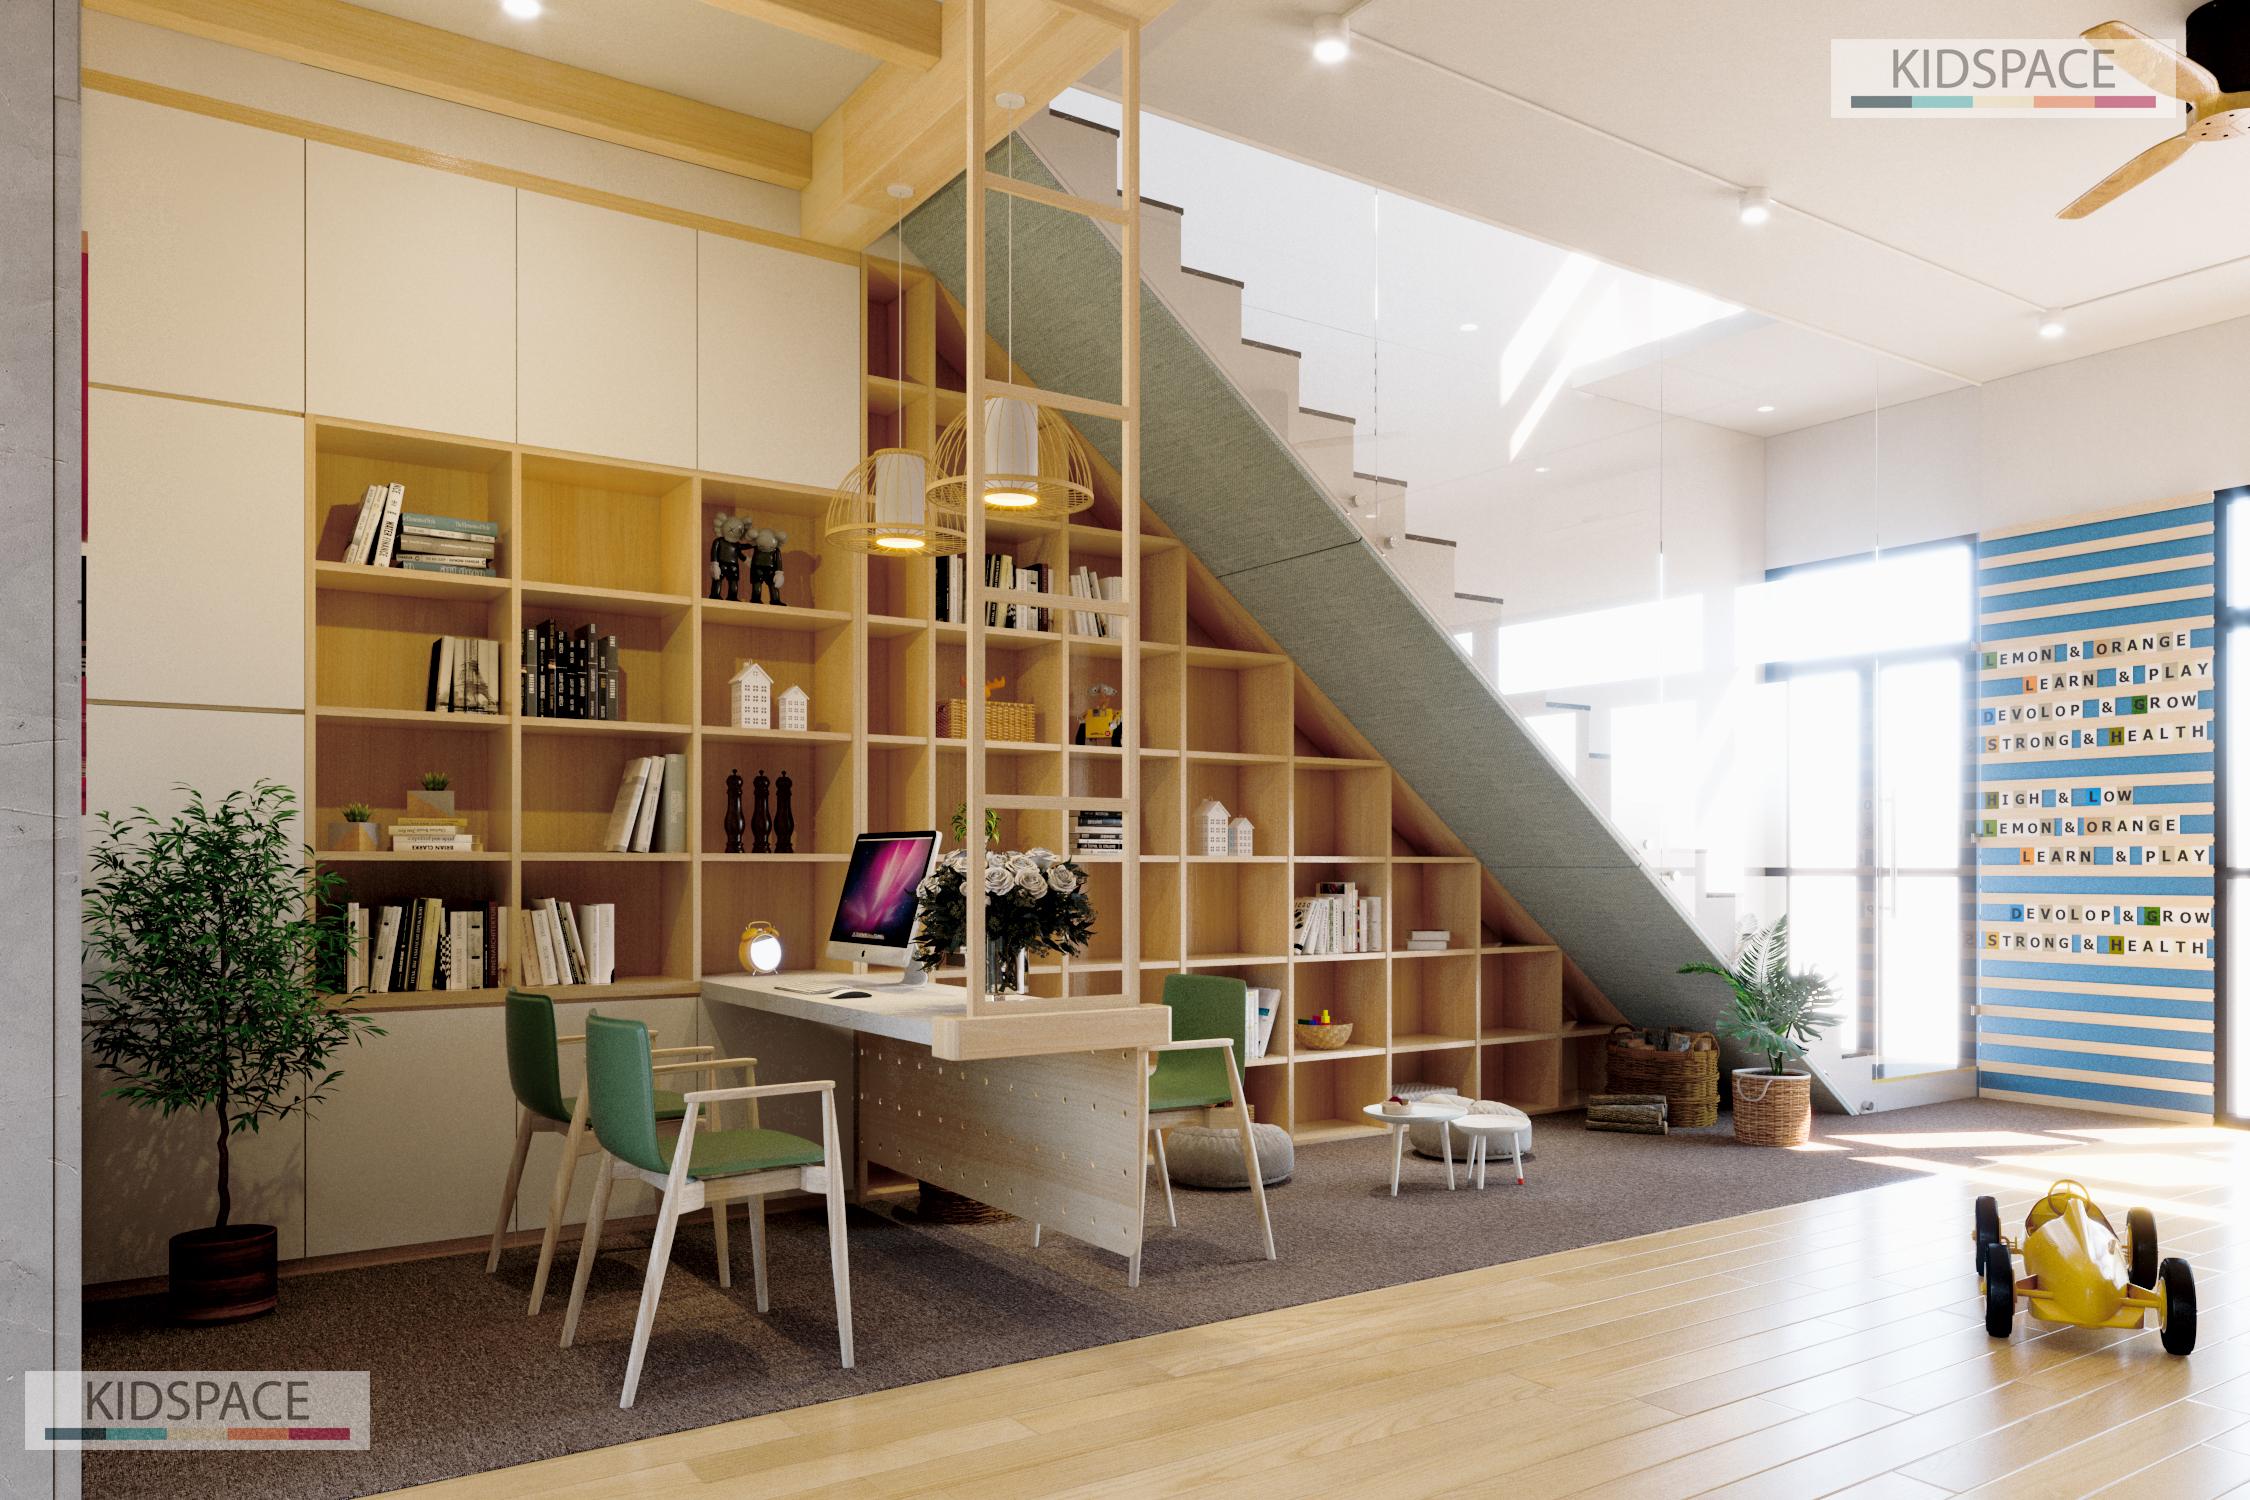 Giải pháp thiết kế nội thất mầm non hoàn hảo cho không gian hẹp